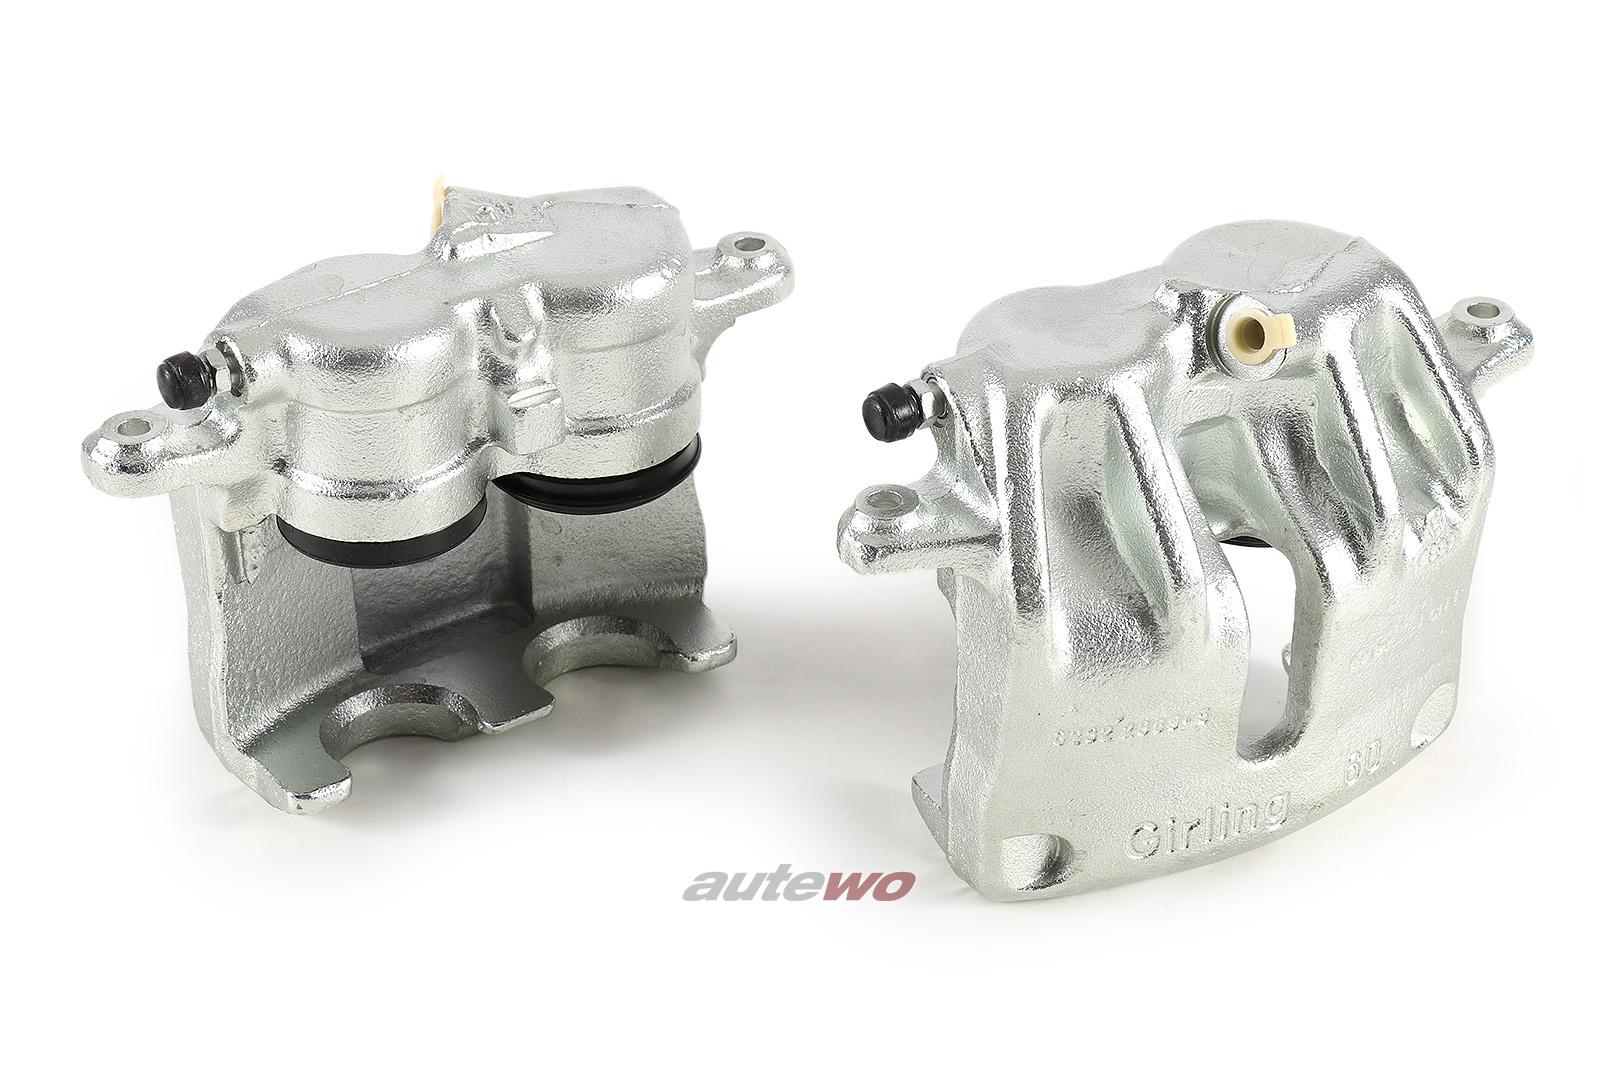 #447615123/447615124 Audi 100/200 Typ 44/Urquattro/V8 D11 Girling 60 Bremse